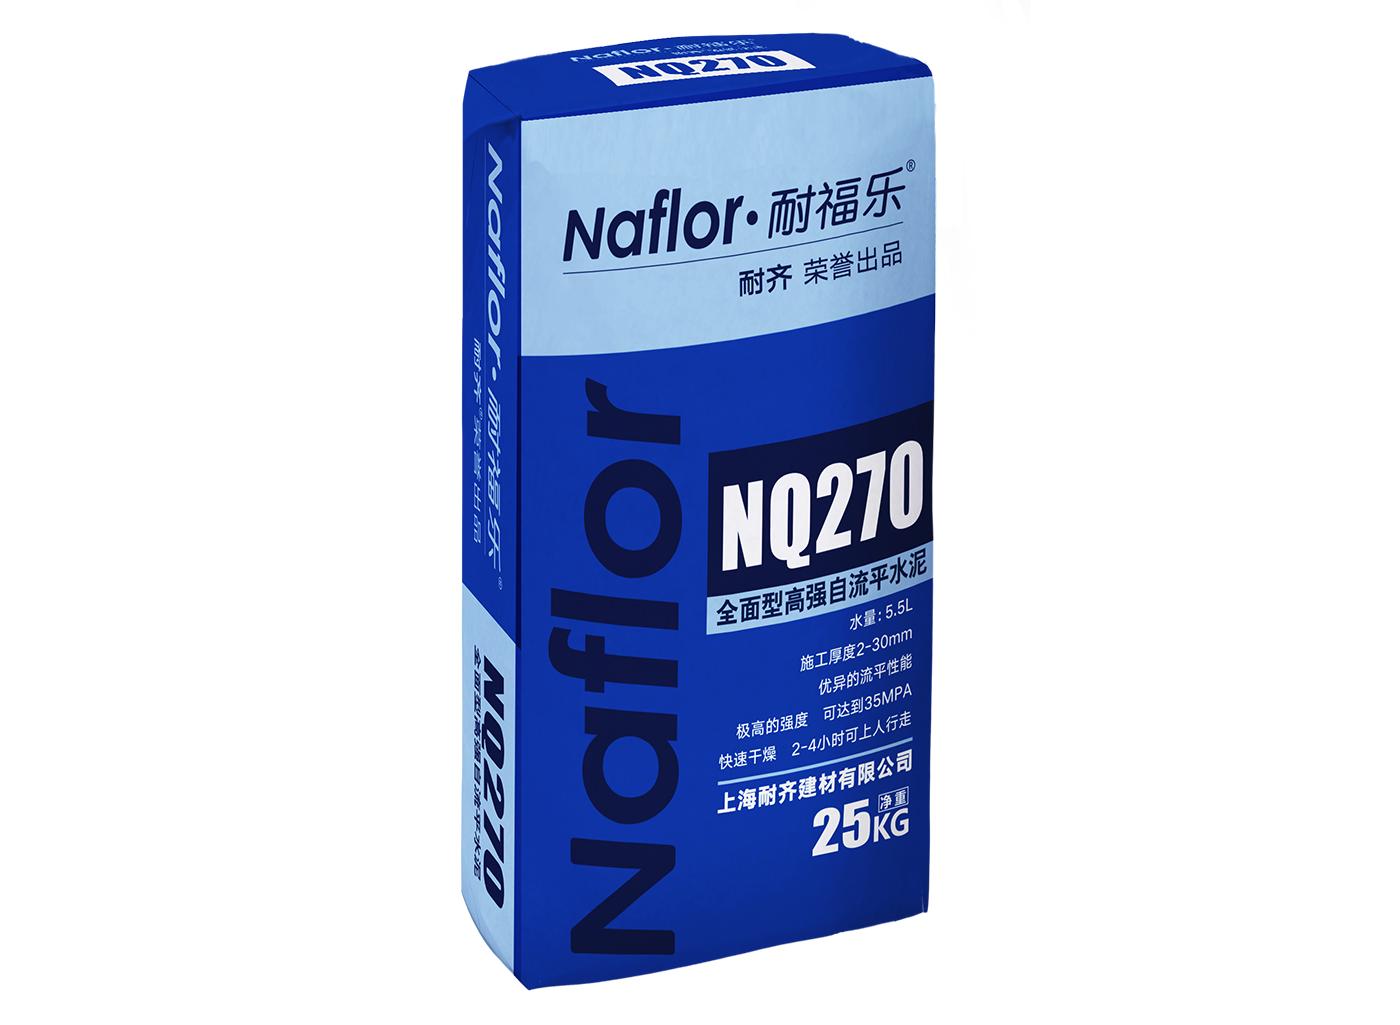 耐福乐®全面型高强自流平水泥 NQ270